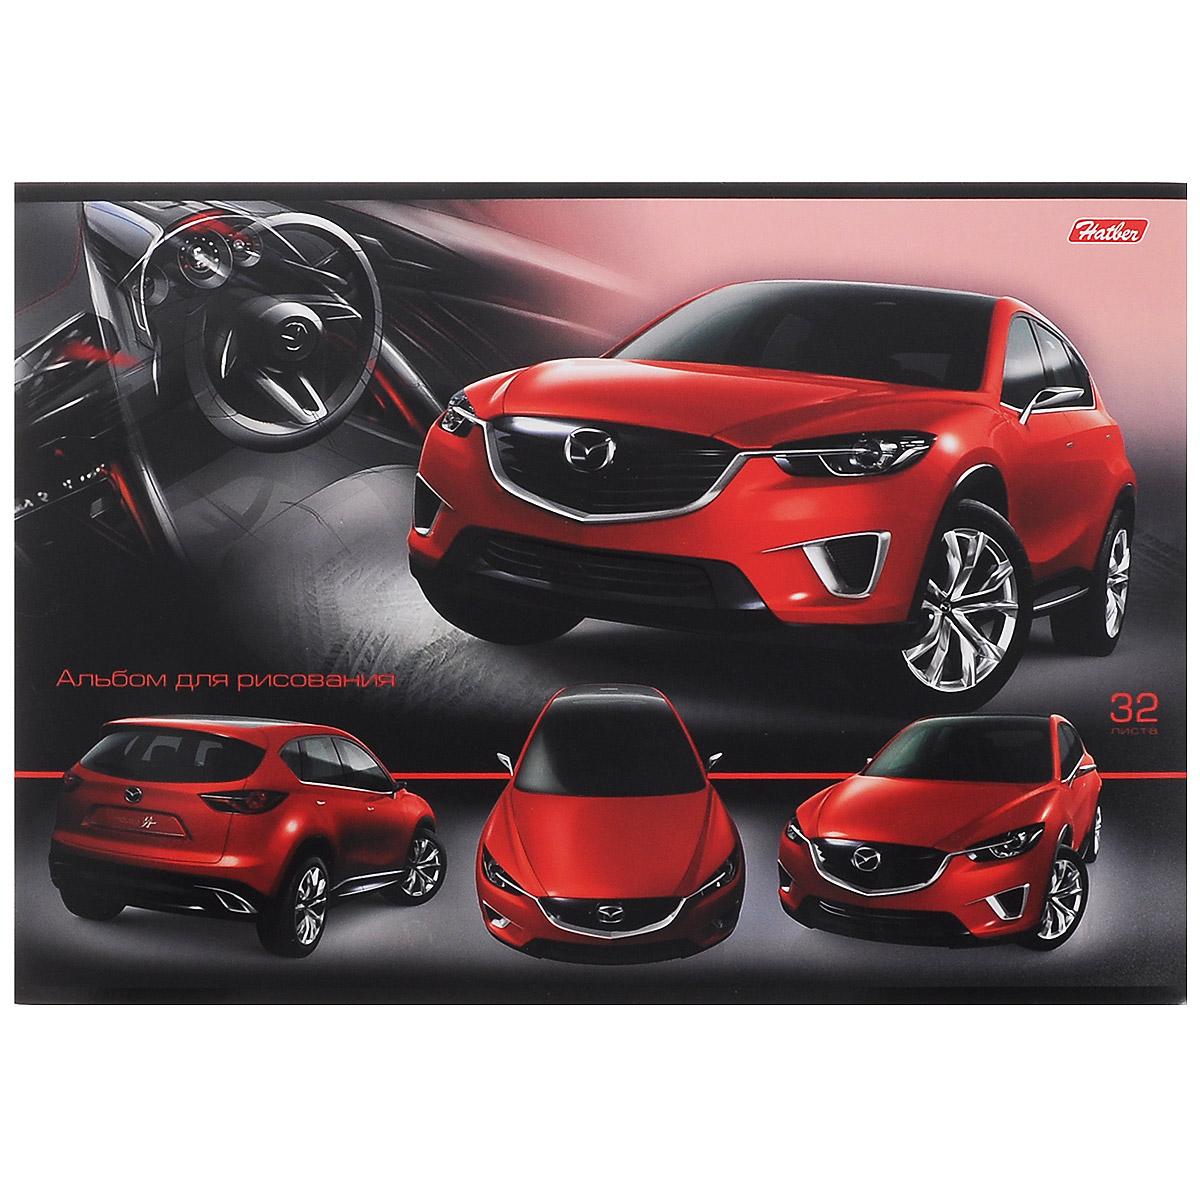 Hatber Альбом для рисования Авторевю: Mazda, 32 листа40А4B_12907Альбом для рисования Hatber Авторевю: Mazda выполнен из качественной бумаги и мелованного картона.Обложка альбома изготовлена из плотного картона с изображением красного автомобиля марки Mazda и покрыта матовым лаком. Внутренний блок альбома состоит из 32 листов белой бумаги, соединенной двумя металлическими скрепками.Рисуя, юный художник сможет реализовать свои творческие способности и воплотить на бумаге все свои образы, мысли и идеи.